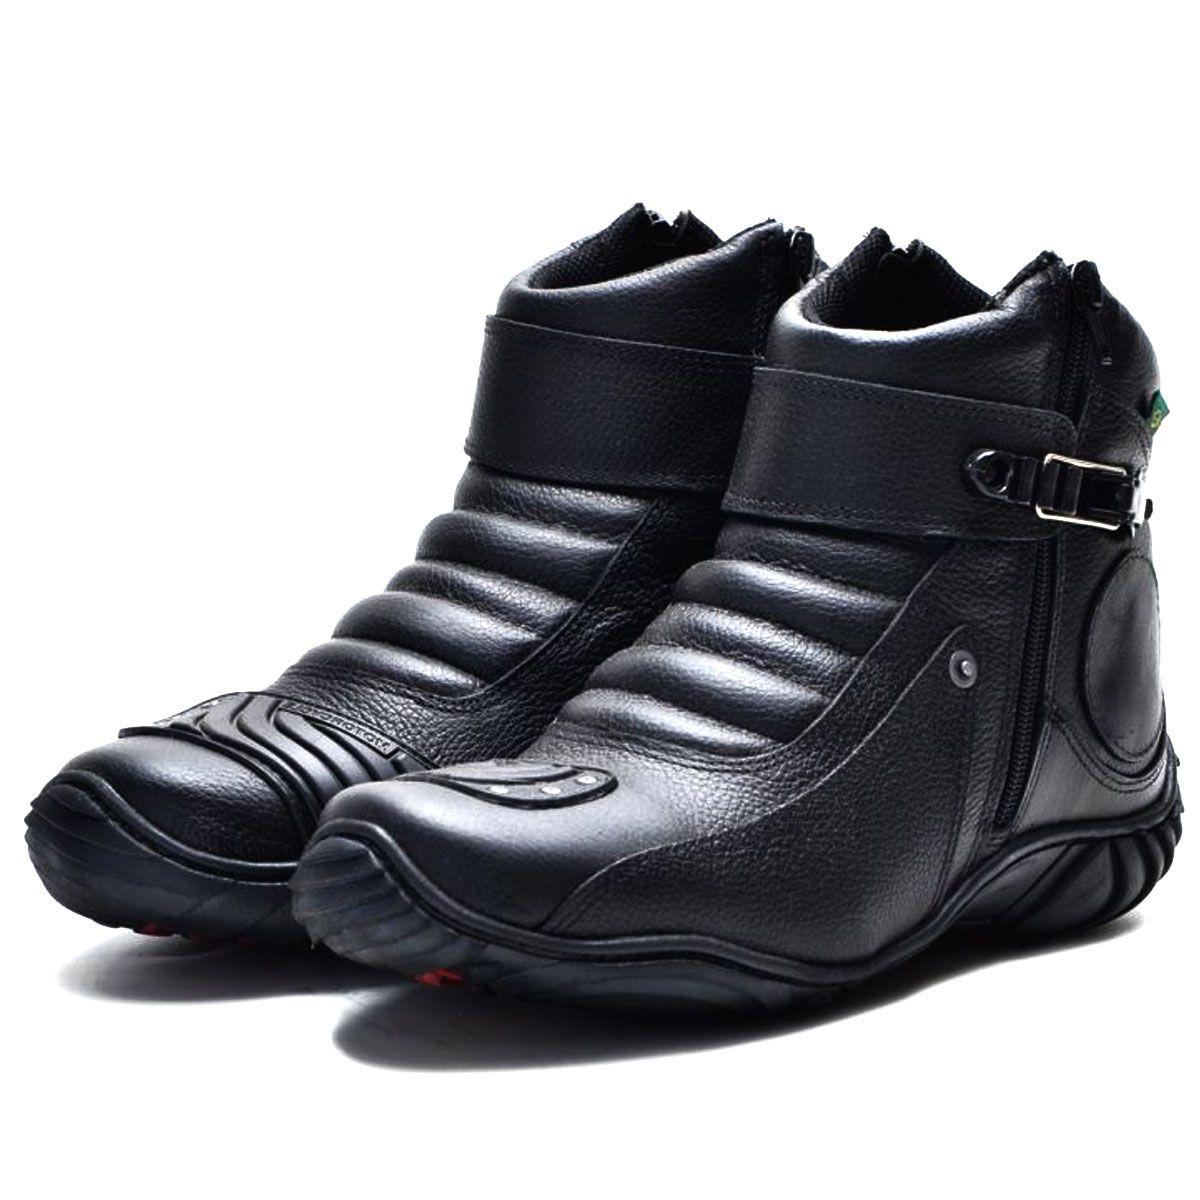 Coturno Motociclista Couro Legítimo 271 Ducati - Grátis uma carteira